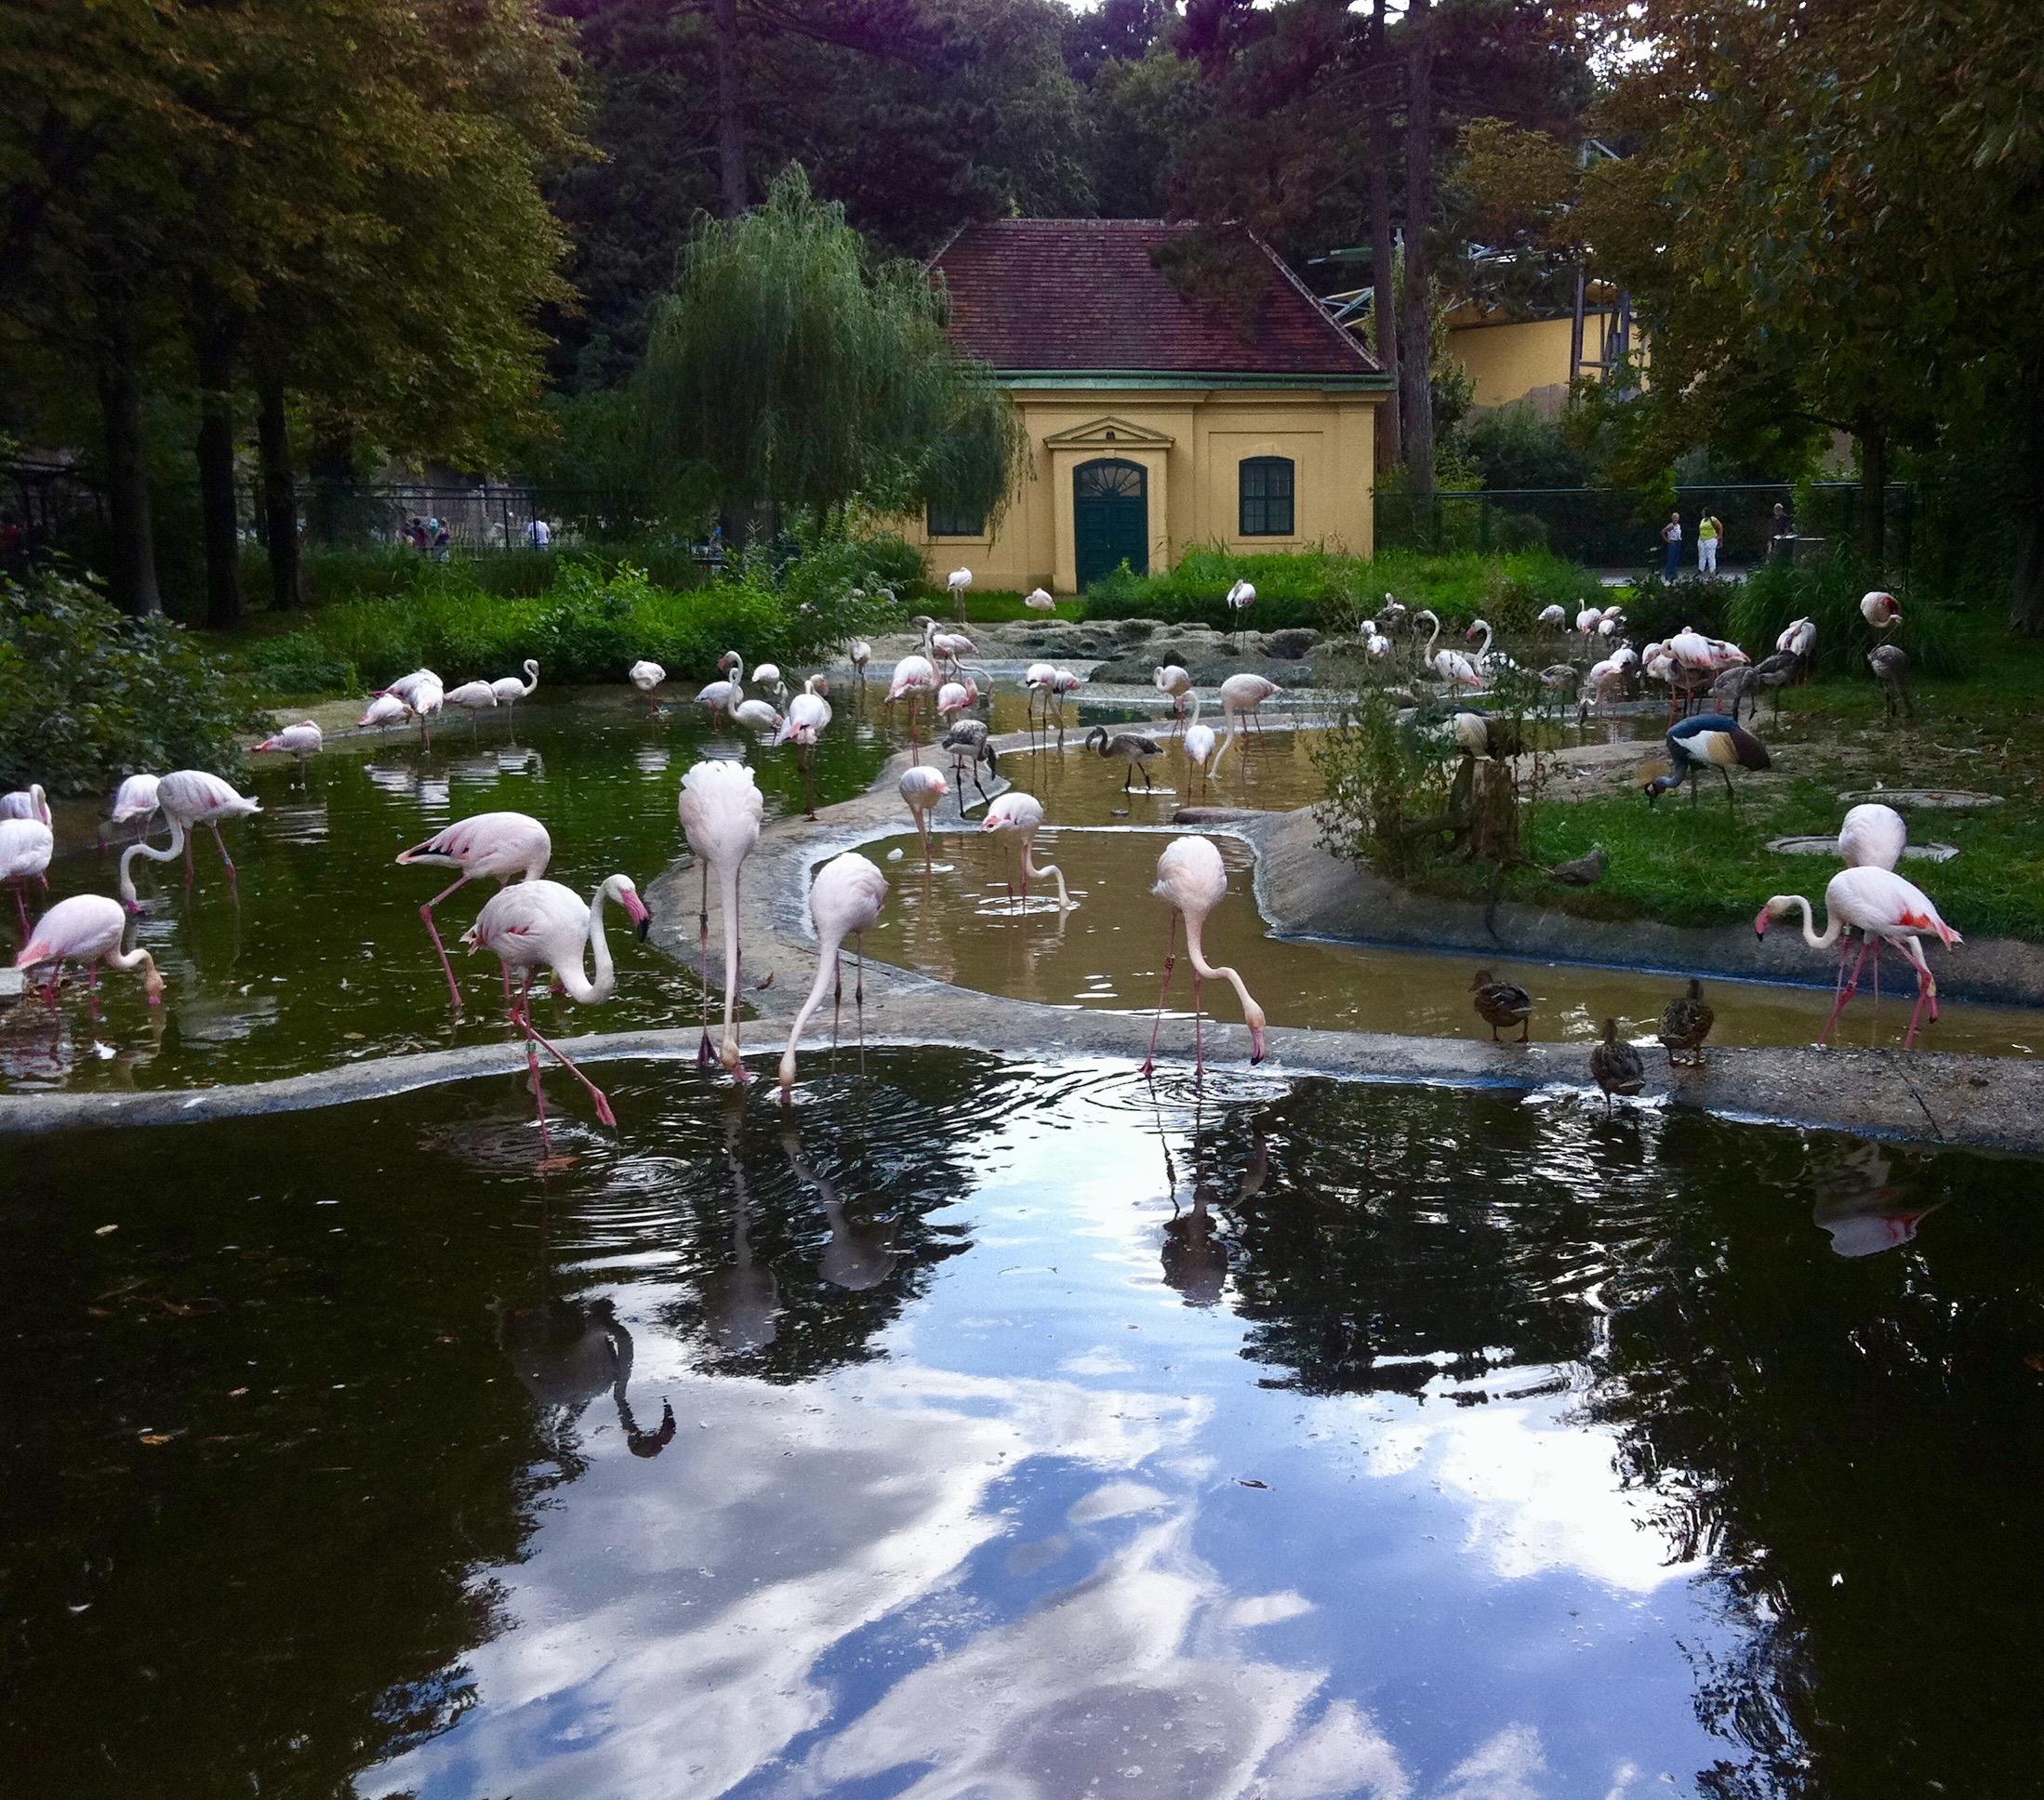 Tiergarten Schonbrunn Zoo, Vienna, Austria